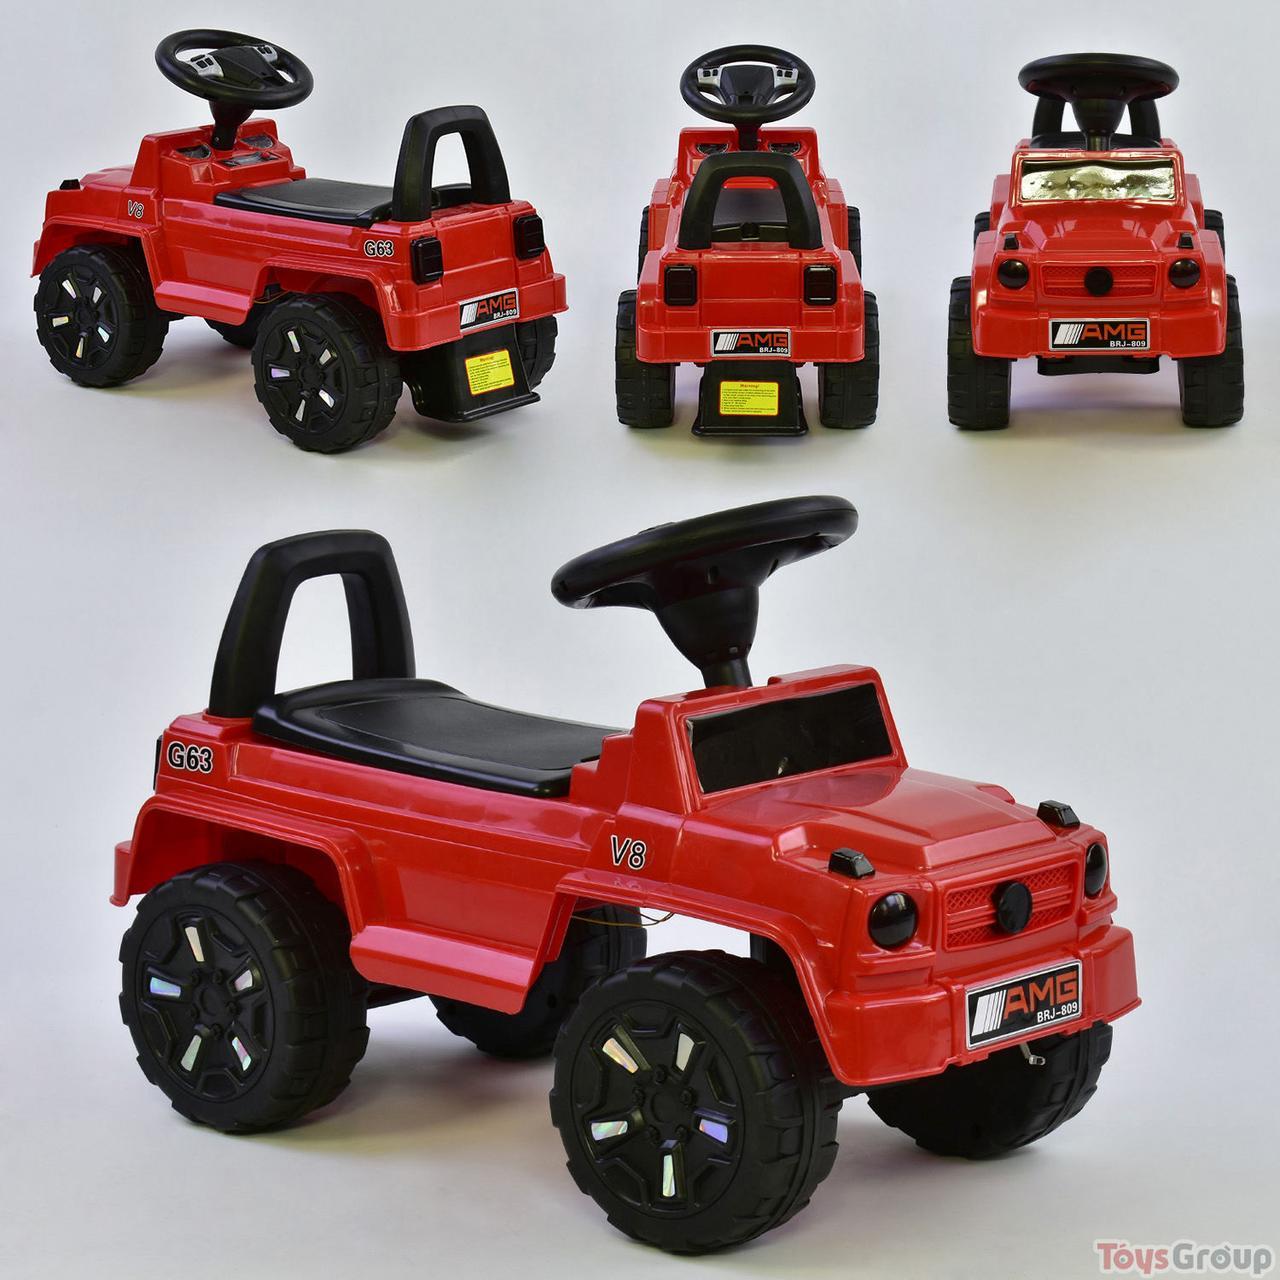 Машина-Толокар Джип V-10505 JOY (4) цвет КРАСНЫЙ, РУССКОЕ ОЗВУЧИВАНИЕ, СВЕТОВЫЕ ЭФФЕКТЫ, багажник